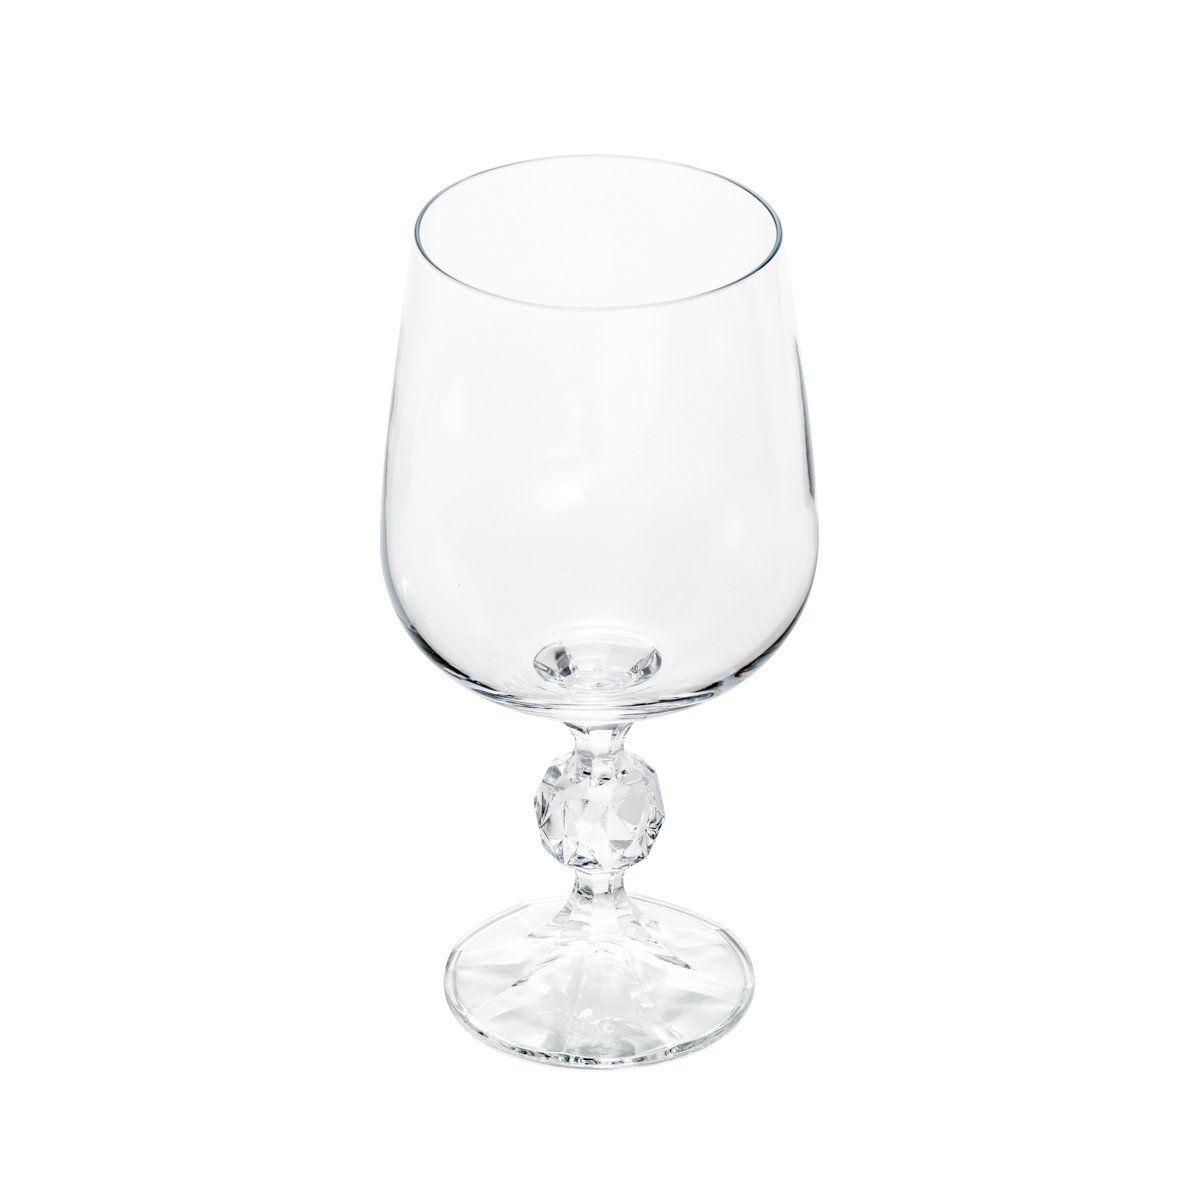 Jogo 6 taças 230ml para vinho tinto de cristal ecológico transparente Klaudie/Sterna Bohemia - 5441